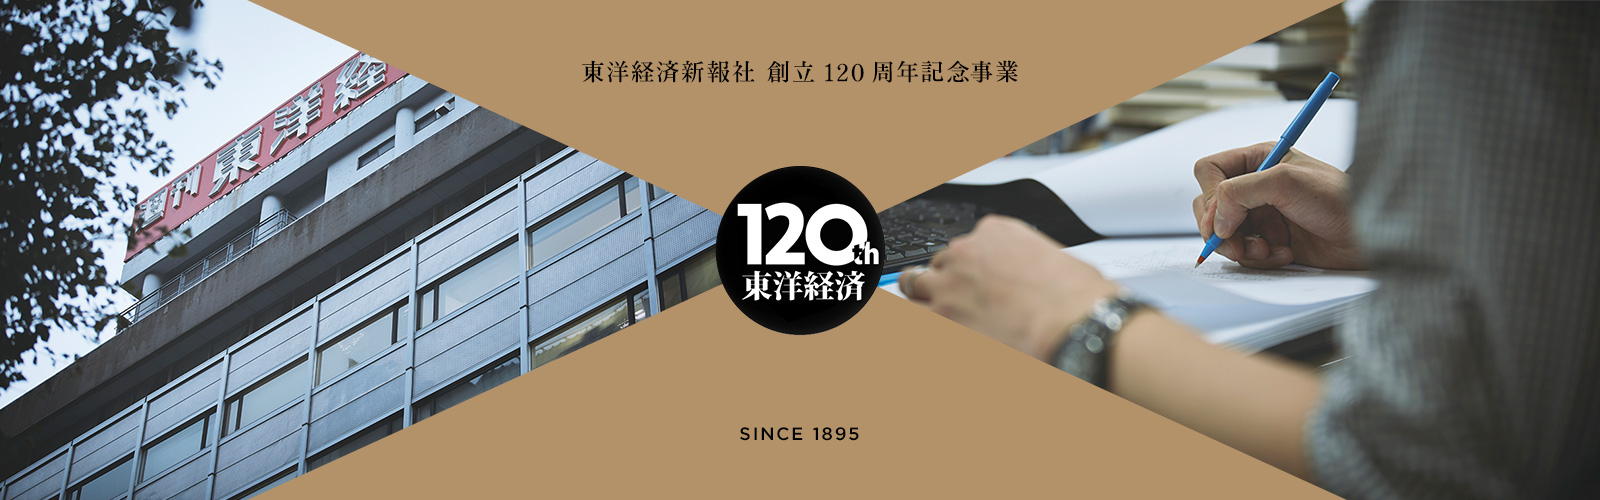 創立120周年記念事業